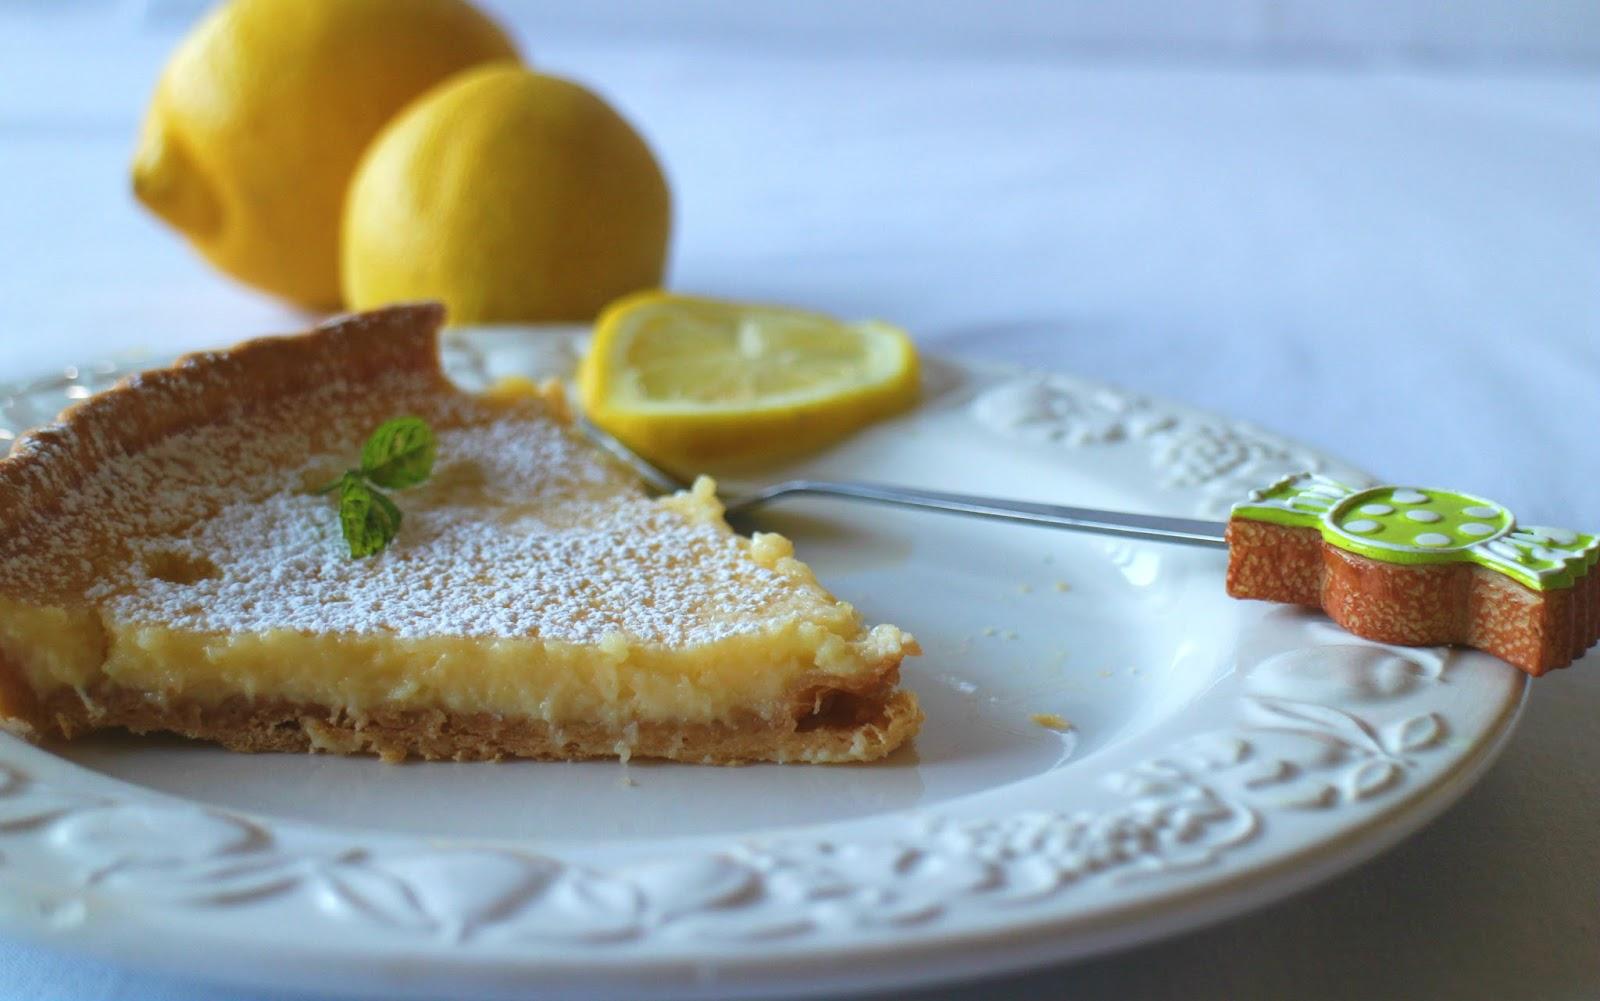 french-lemon-tart, tarta-de-limon-francesa